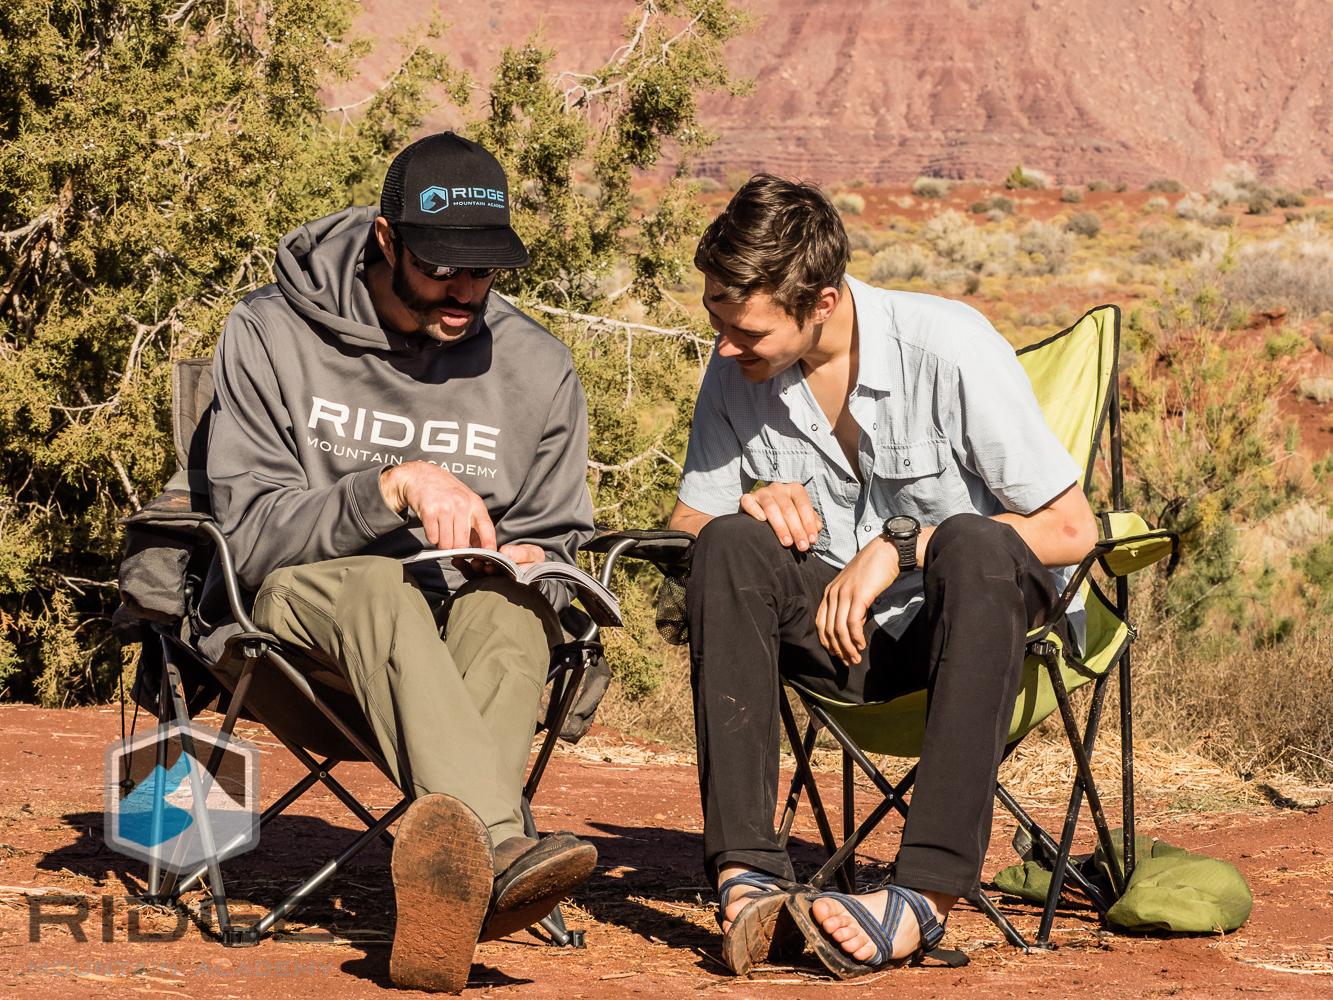 RIDGE in Moab, fall 2015-1.JPG